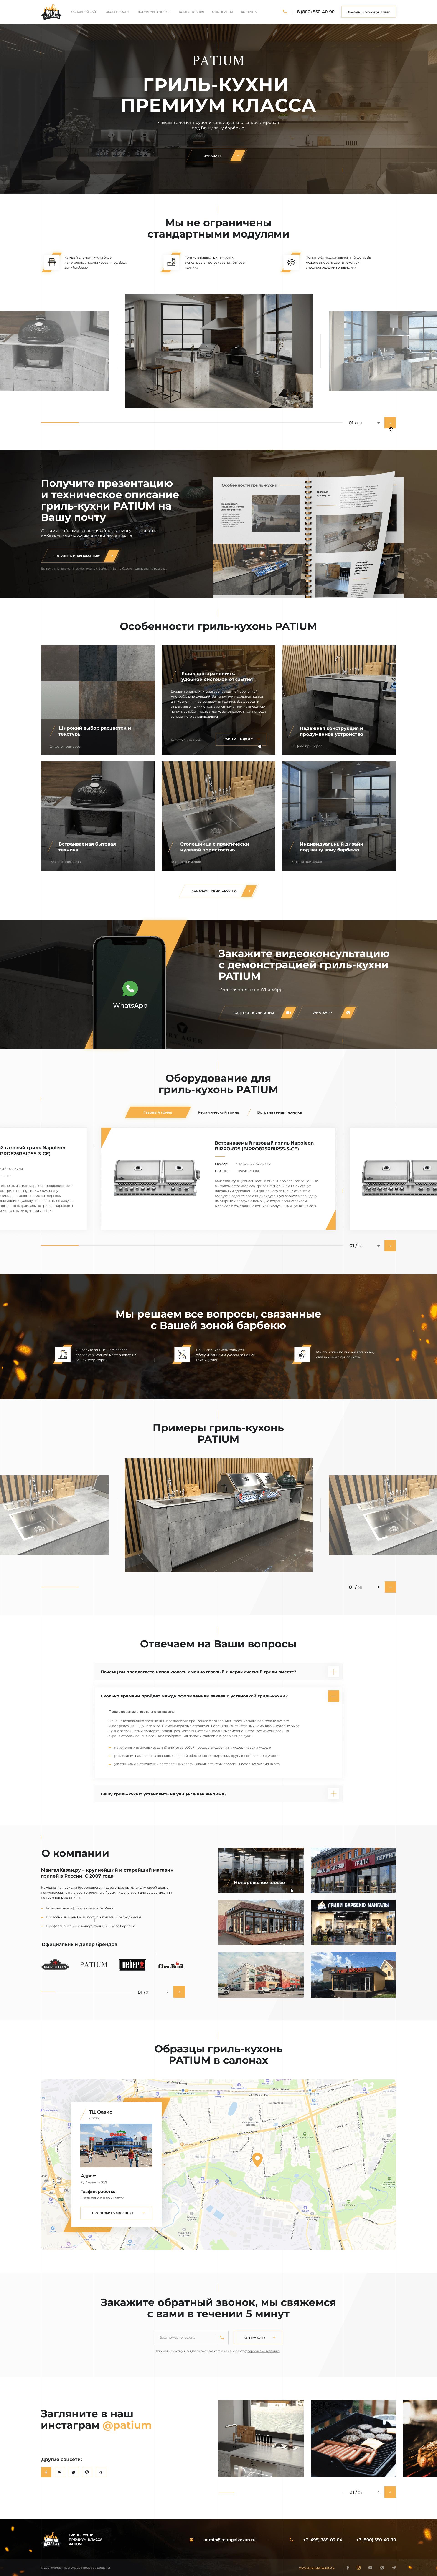 MangalKazan_01_Homepage_01